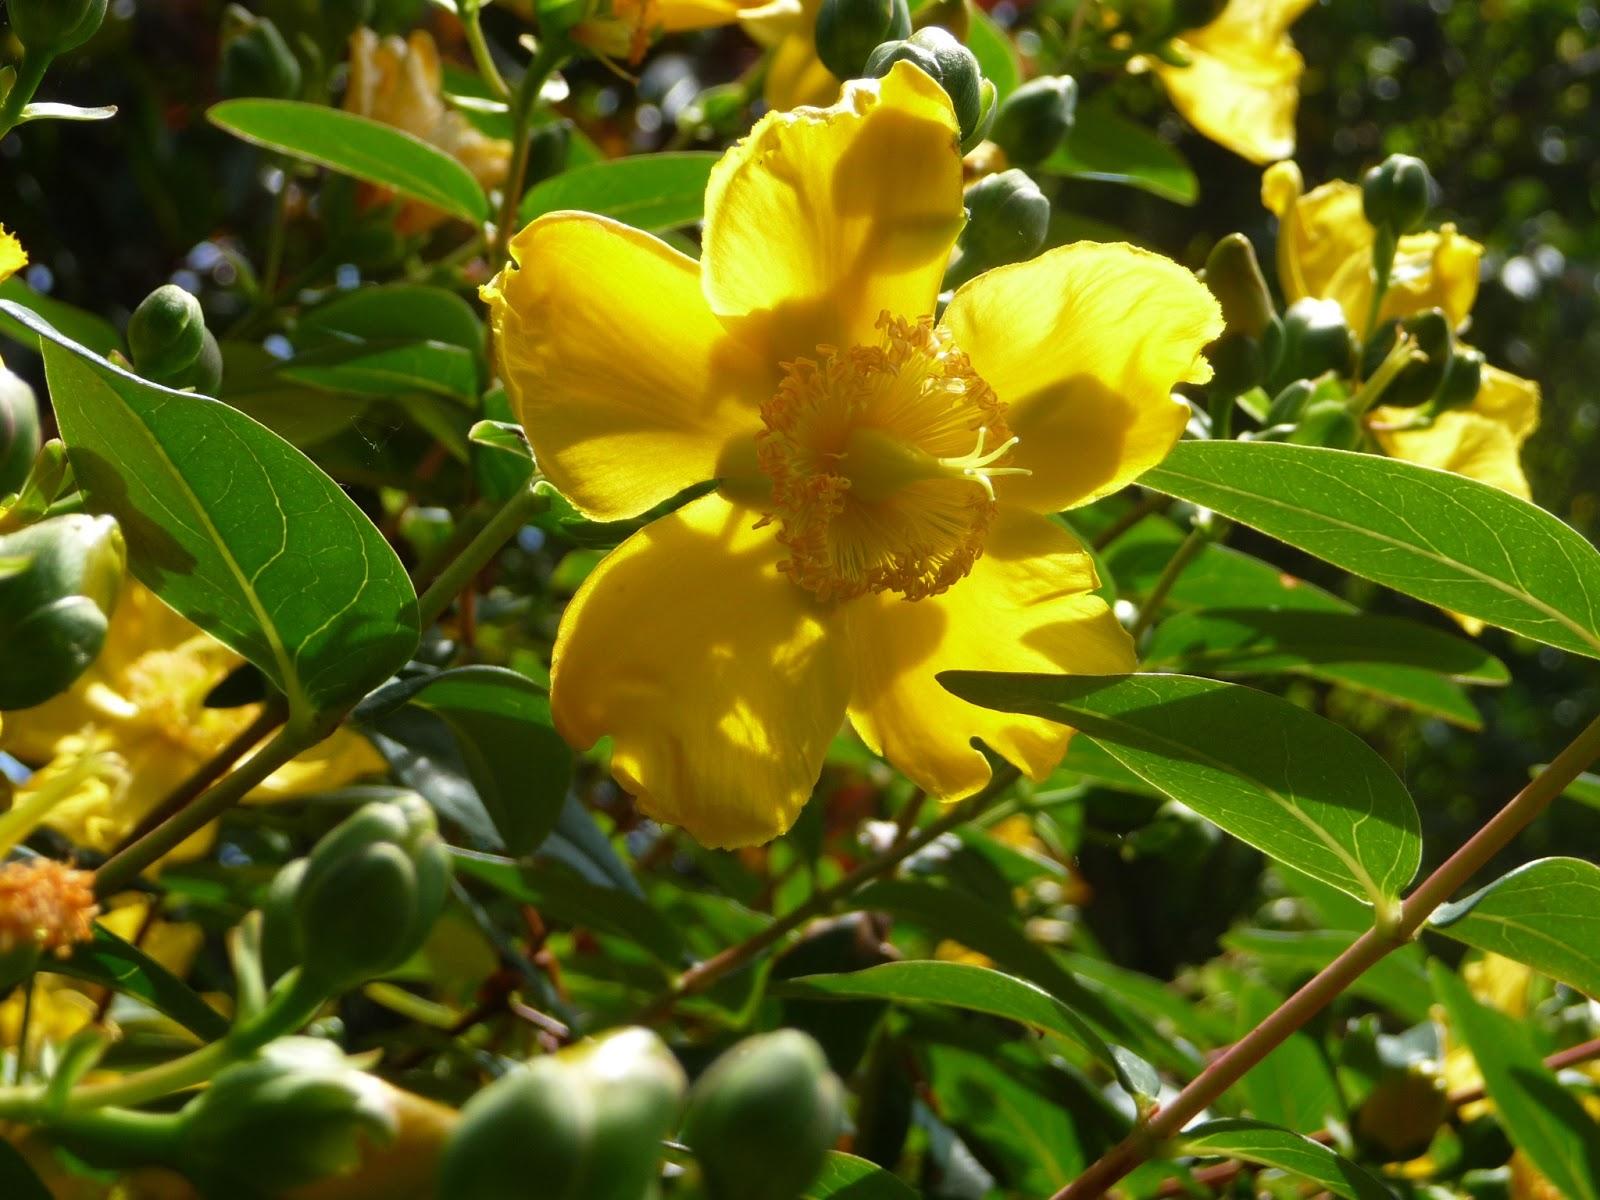 Ma terre de bruy re des fleurs arrivent d 39 autres s 39 en - Fleurs qui poussent a l ombre ...